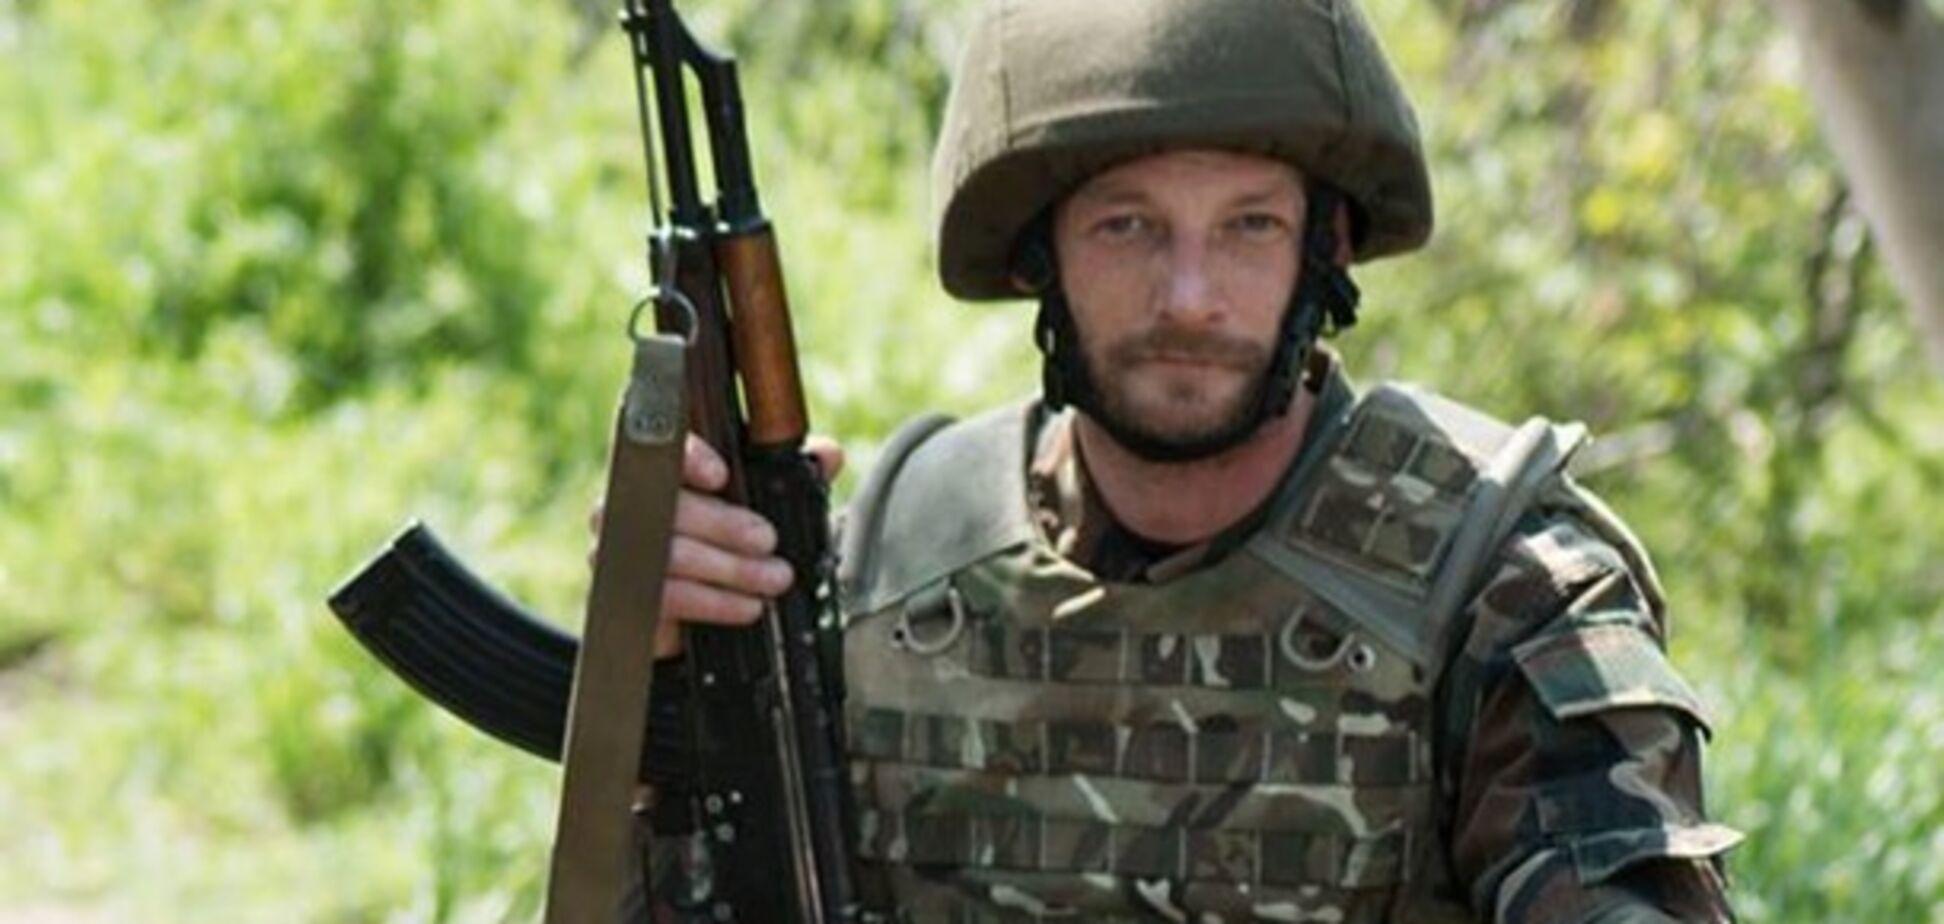 'Андрей, мне угрожают': появились подробности убийства волонтера АТО в Европе